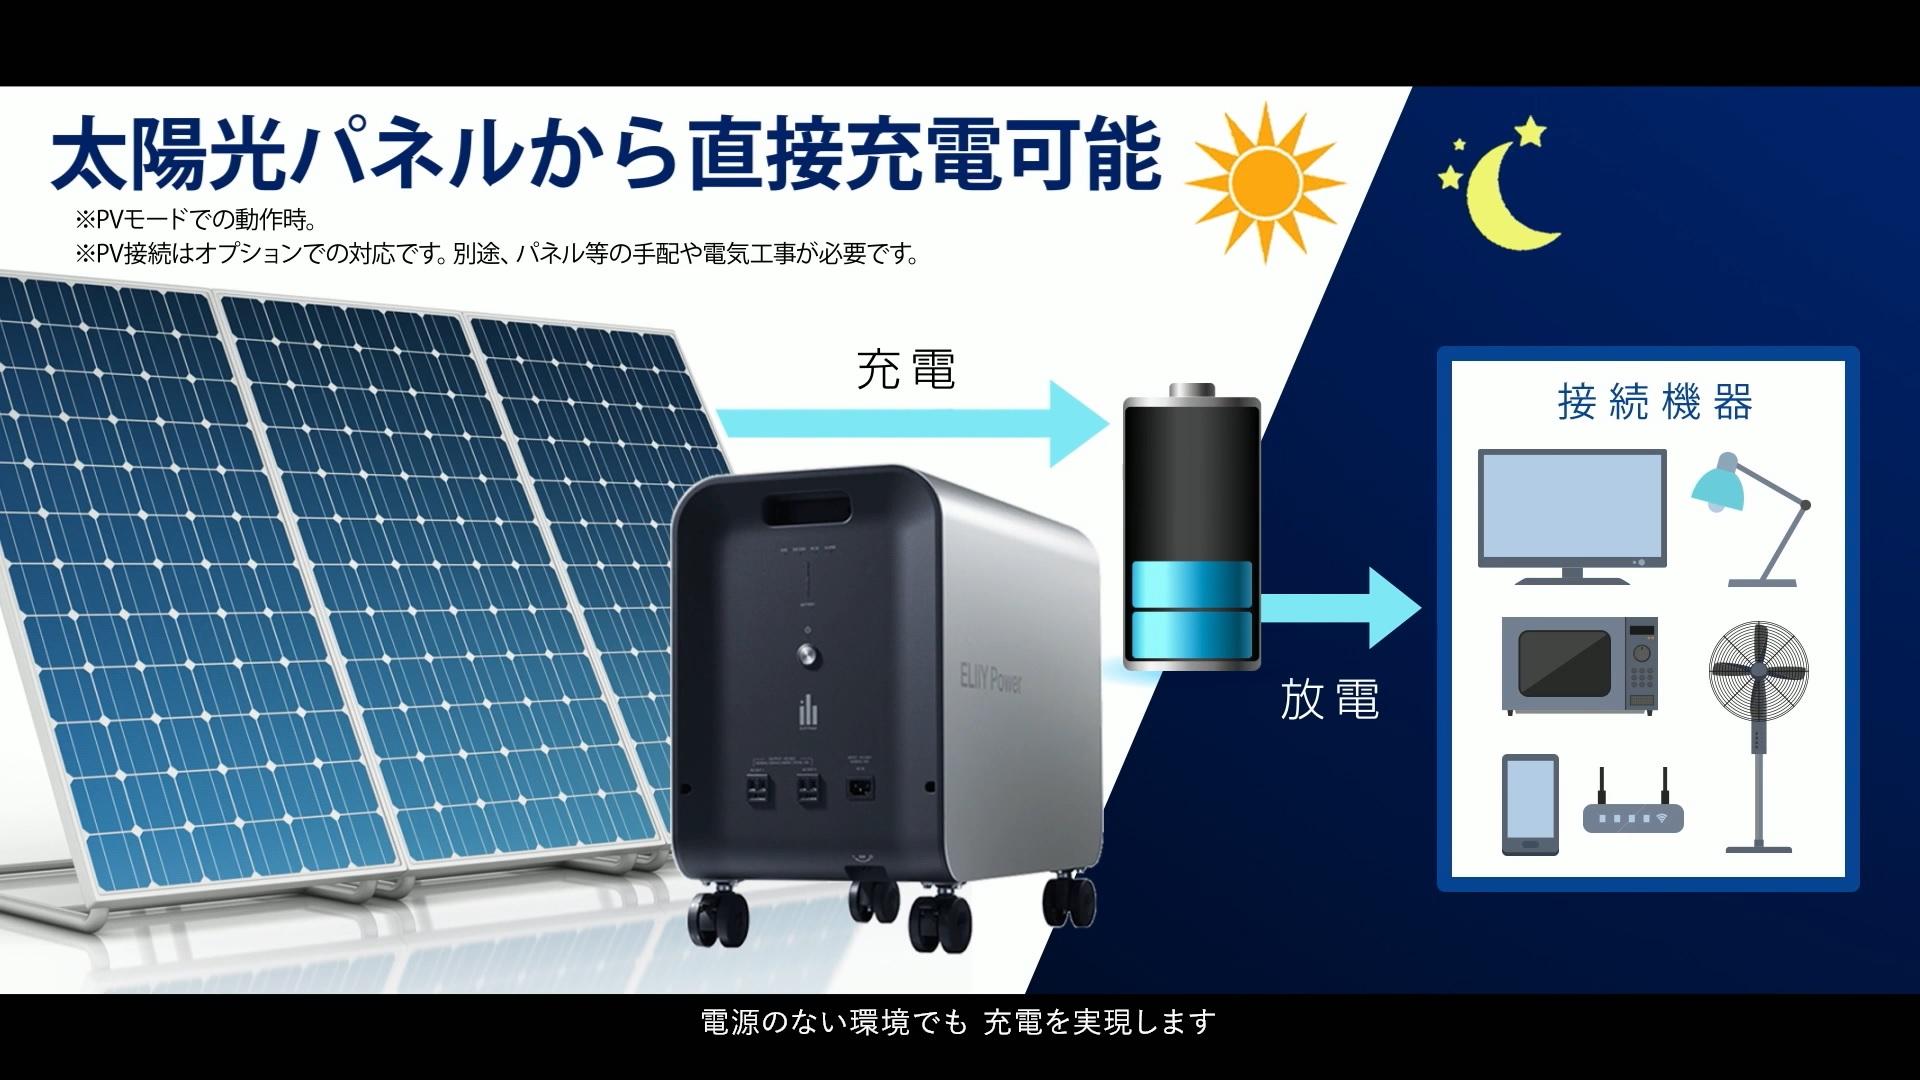 電源のない環境でも充電を実現します。